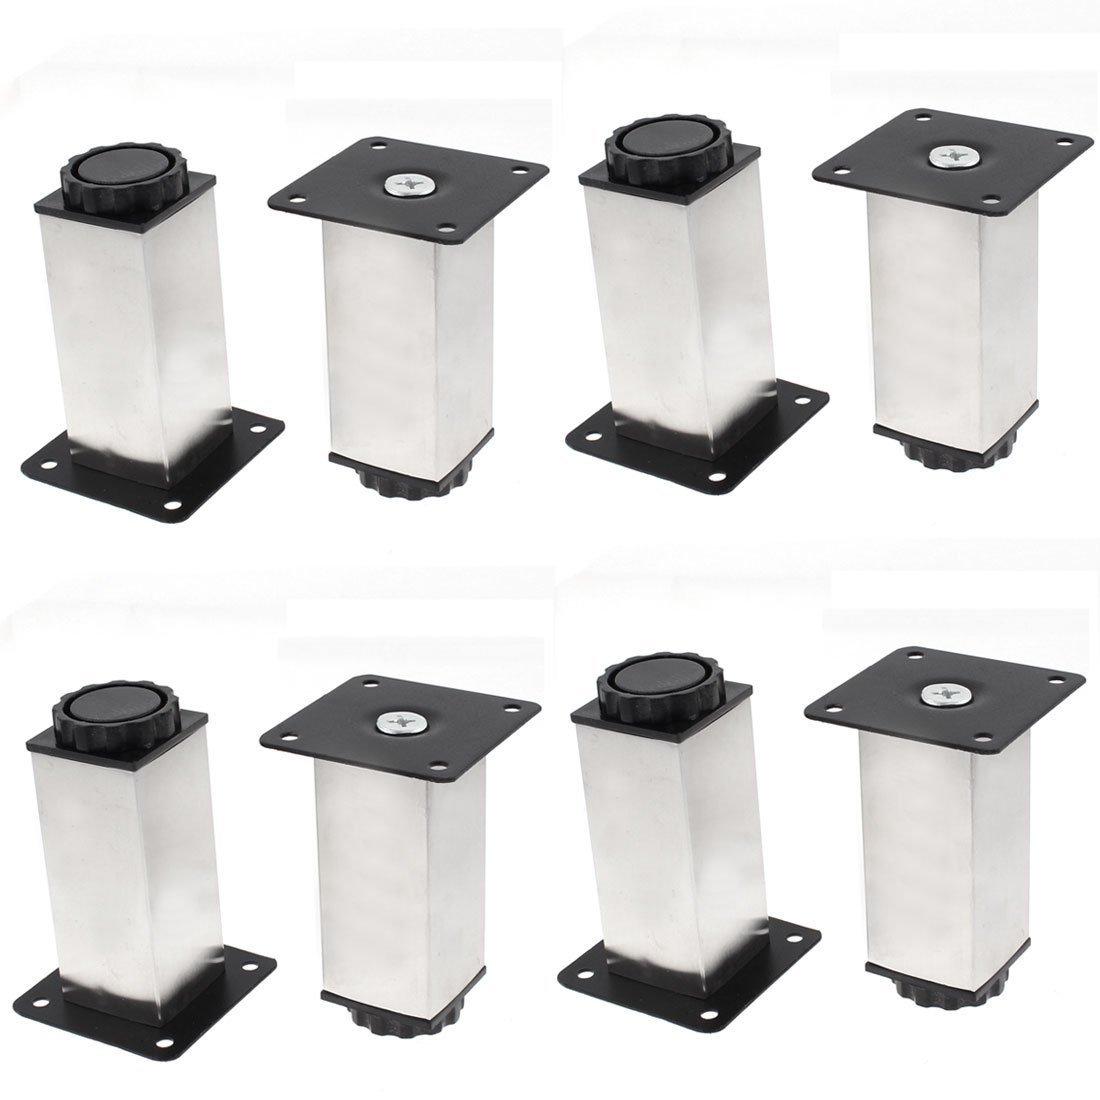 uxcell® Furniture Cabinet Sofa Chair 38mm x 100mm Adjustable Plinth Leg 8pcs US-SA-AJD-123901